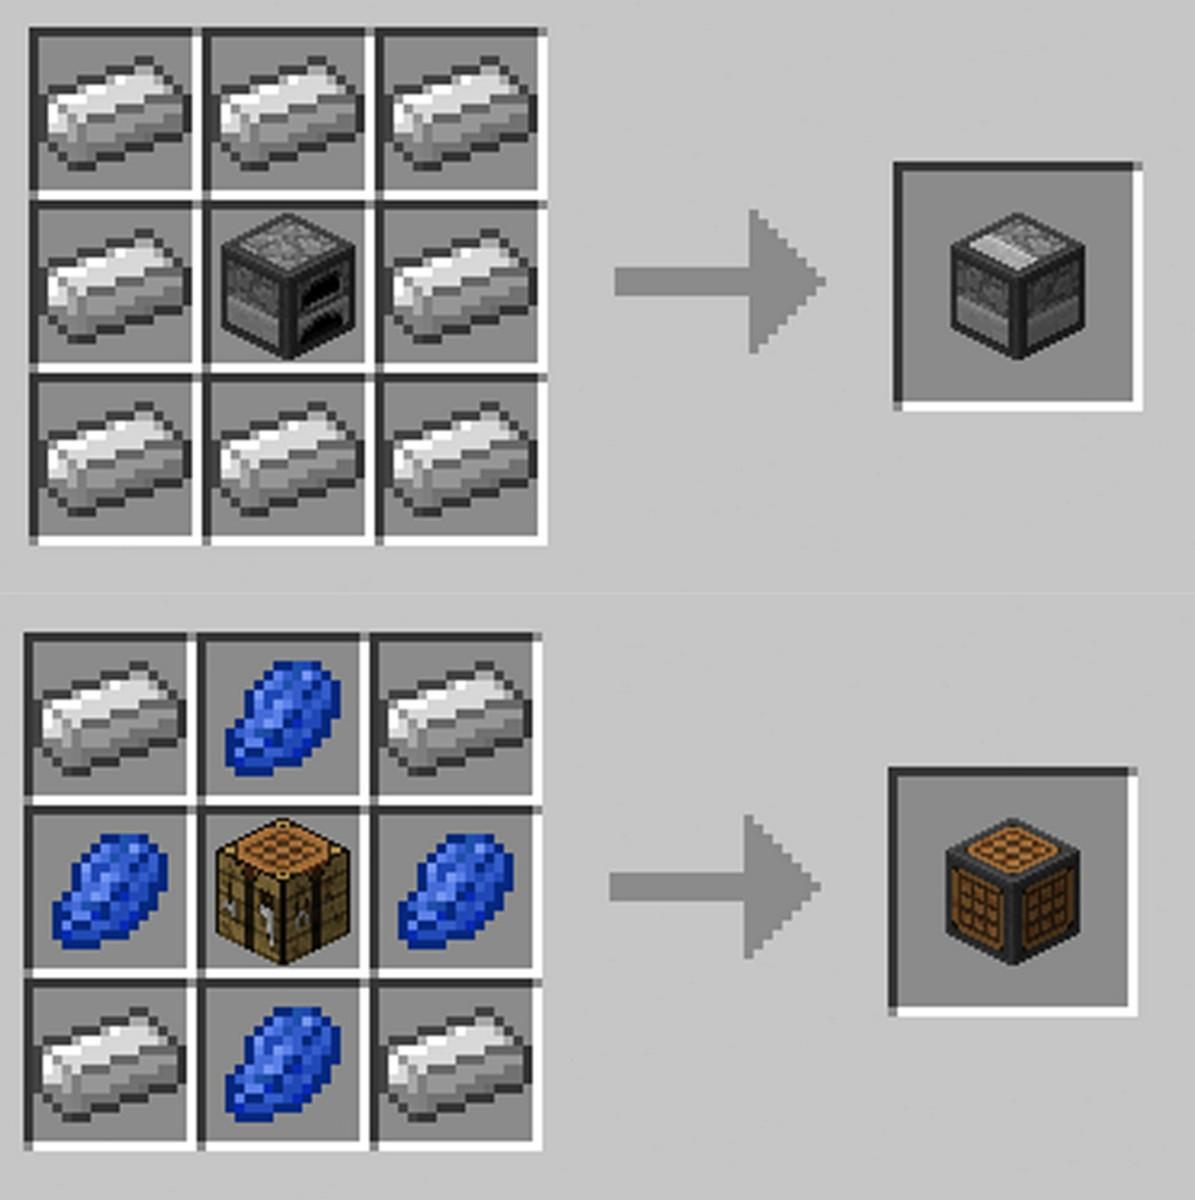 как делается щит в майнкрафте 1.9 #6